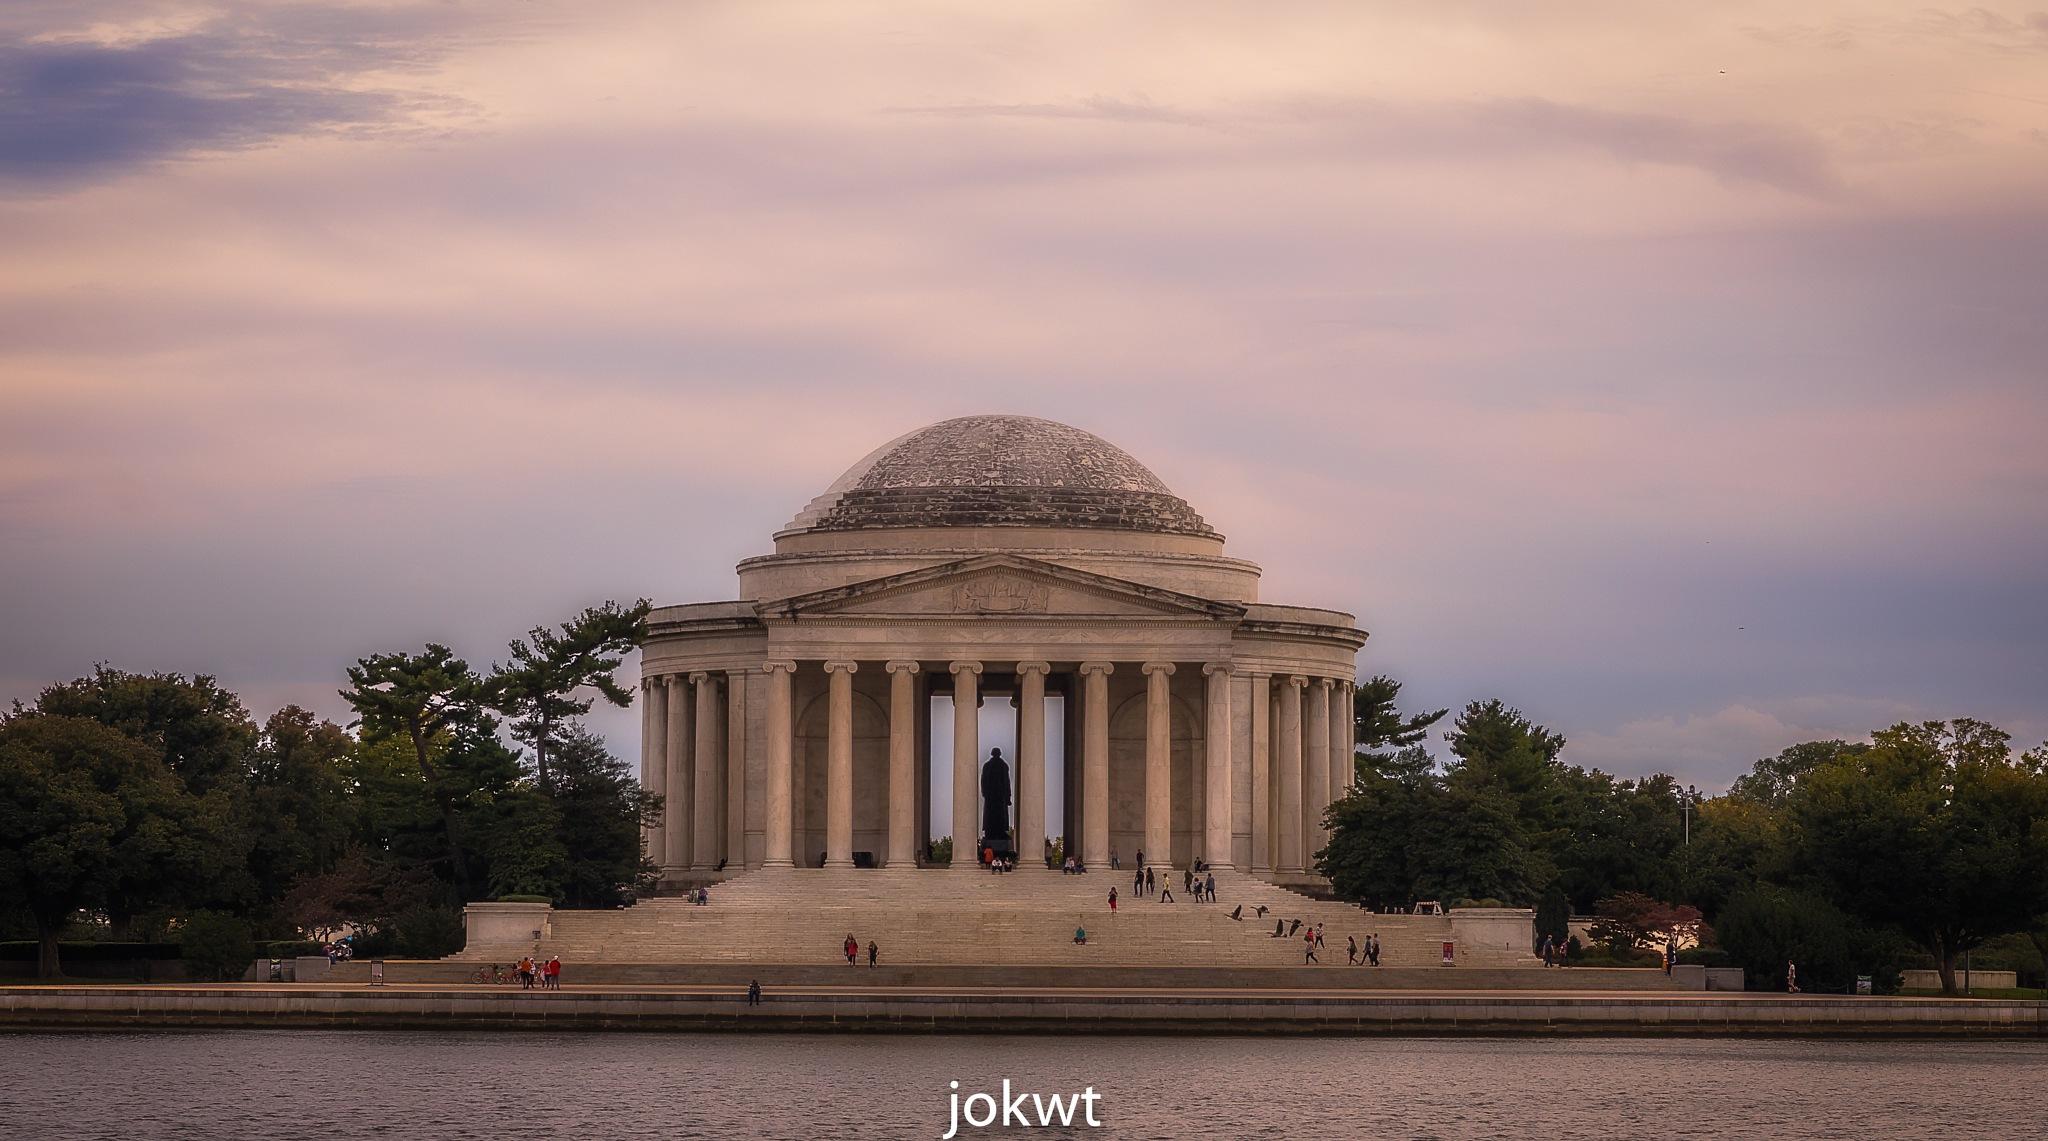 Thomas Jefferson Memorial by Y.Allugman